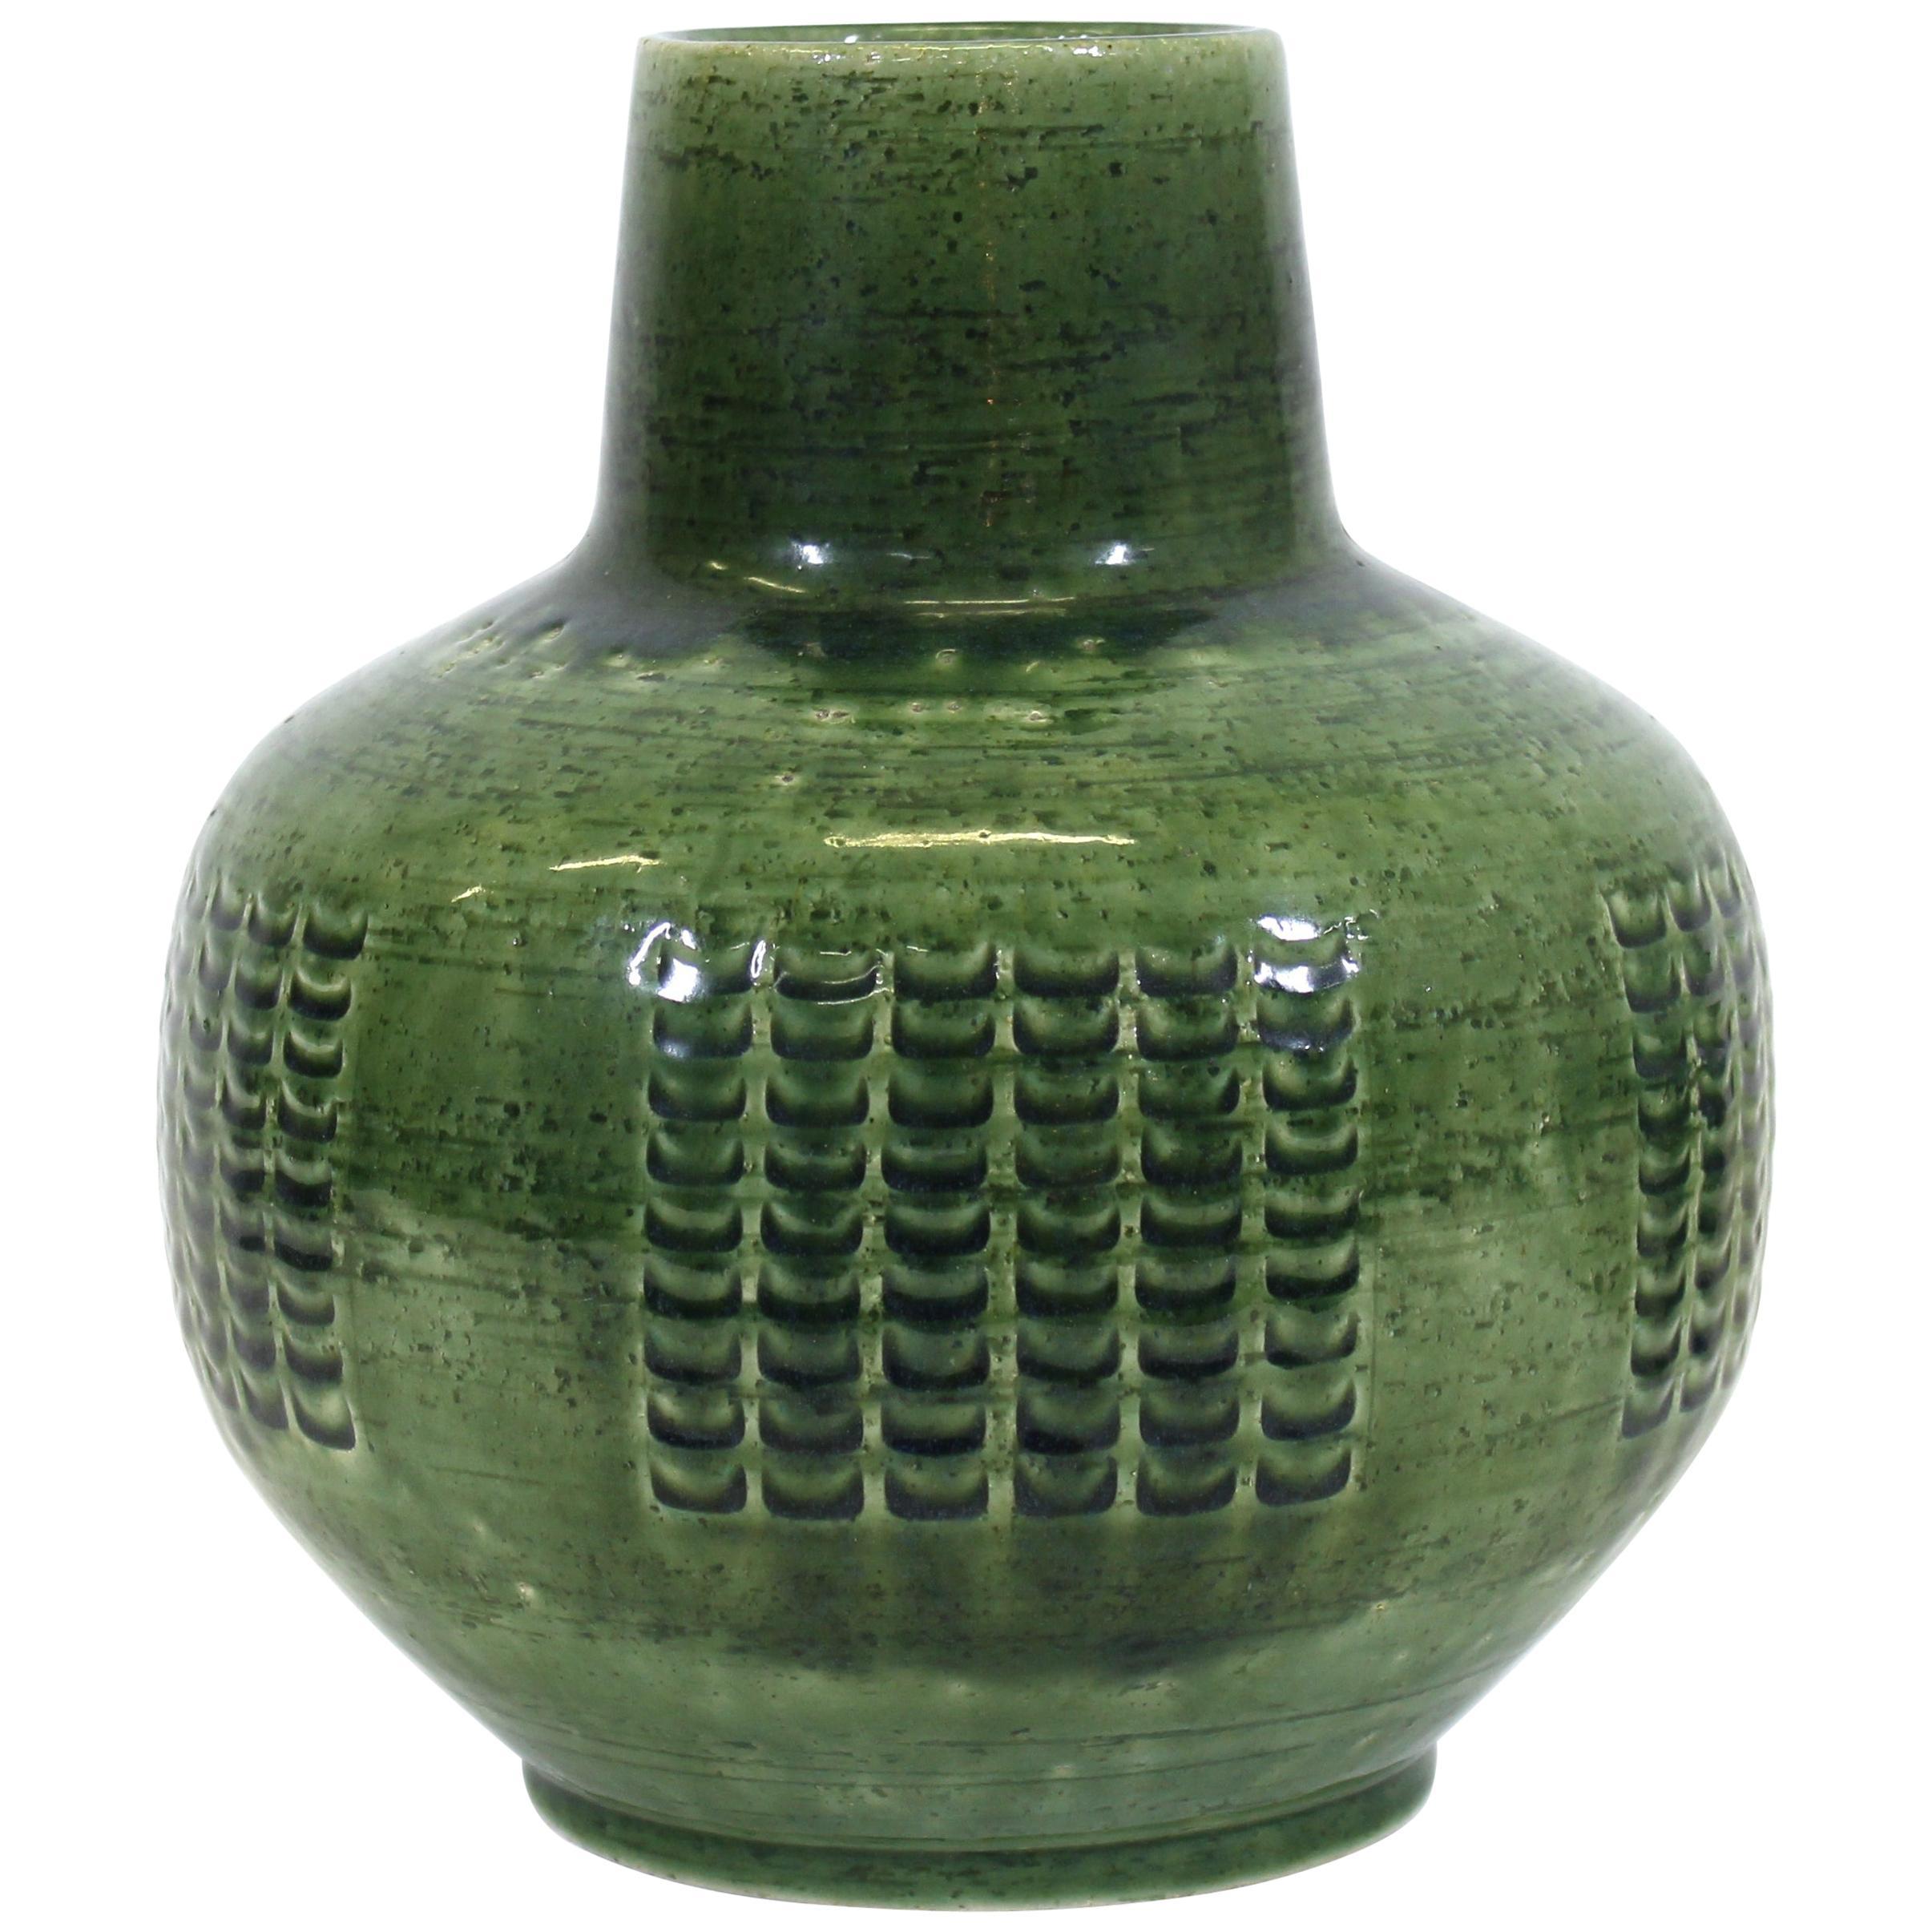 Per Linnemann-Schmidt for Palshus Danish Modern Green Glaze Ceramic Vase